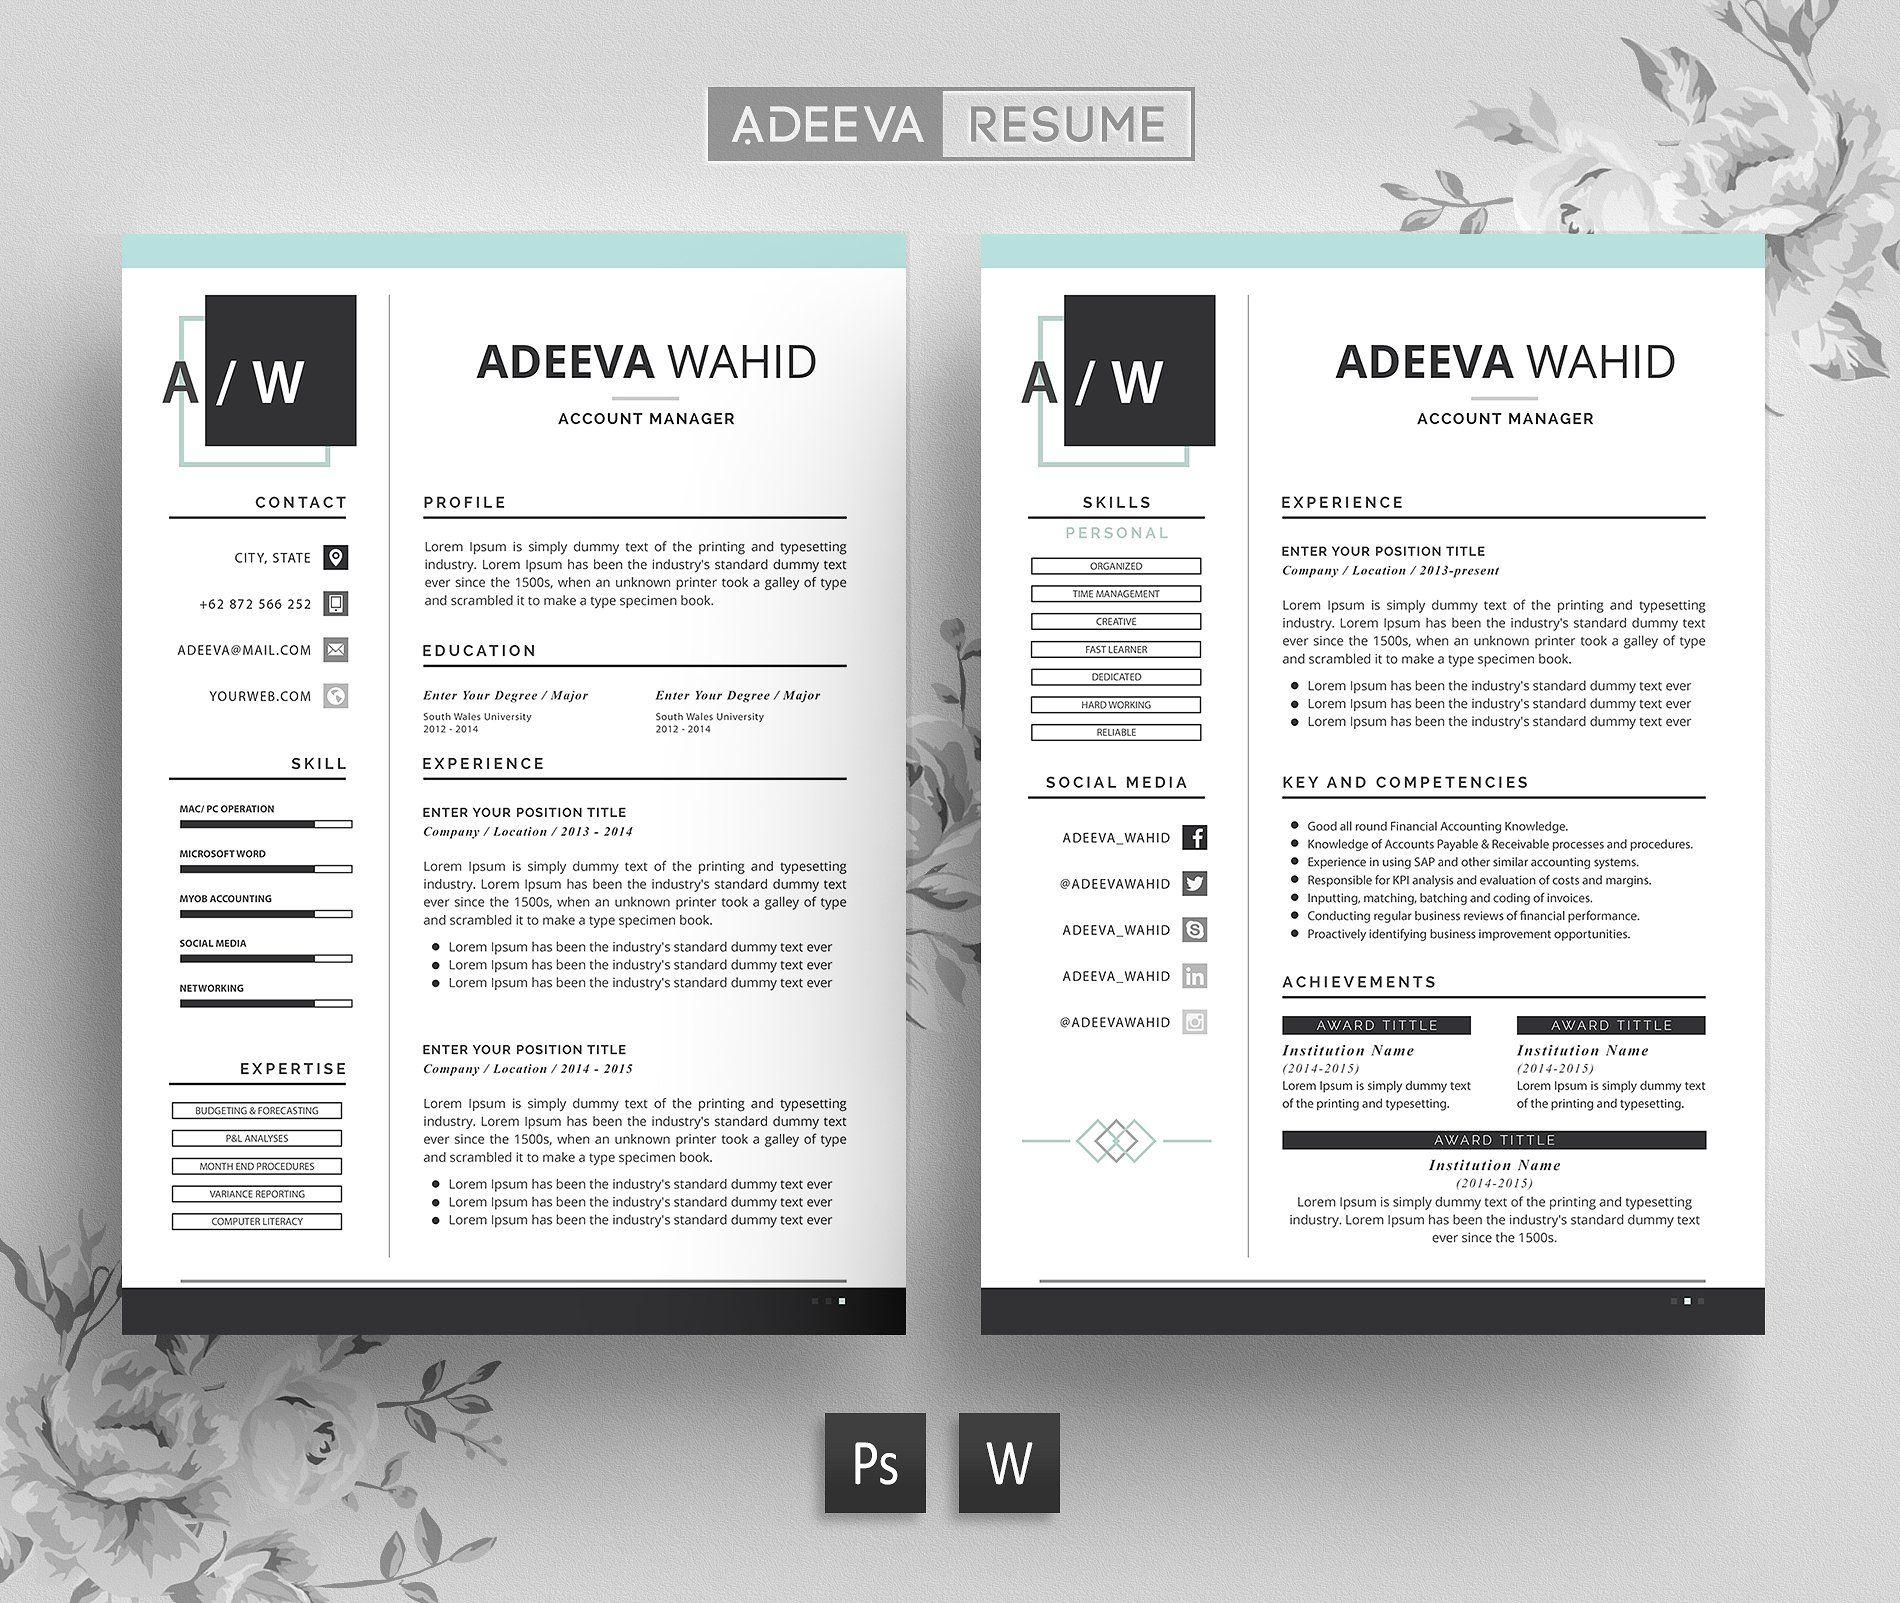 Simple Resume Template Wahid Simple Resume Template Simple Resume Resume Template